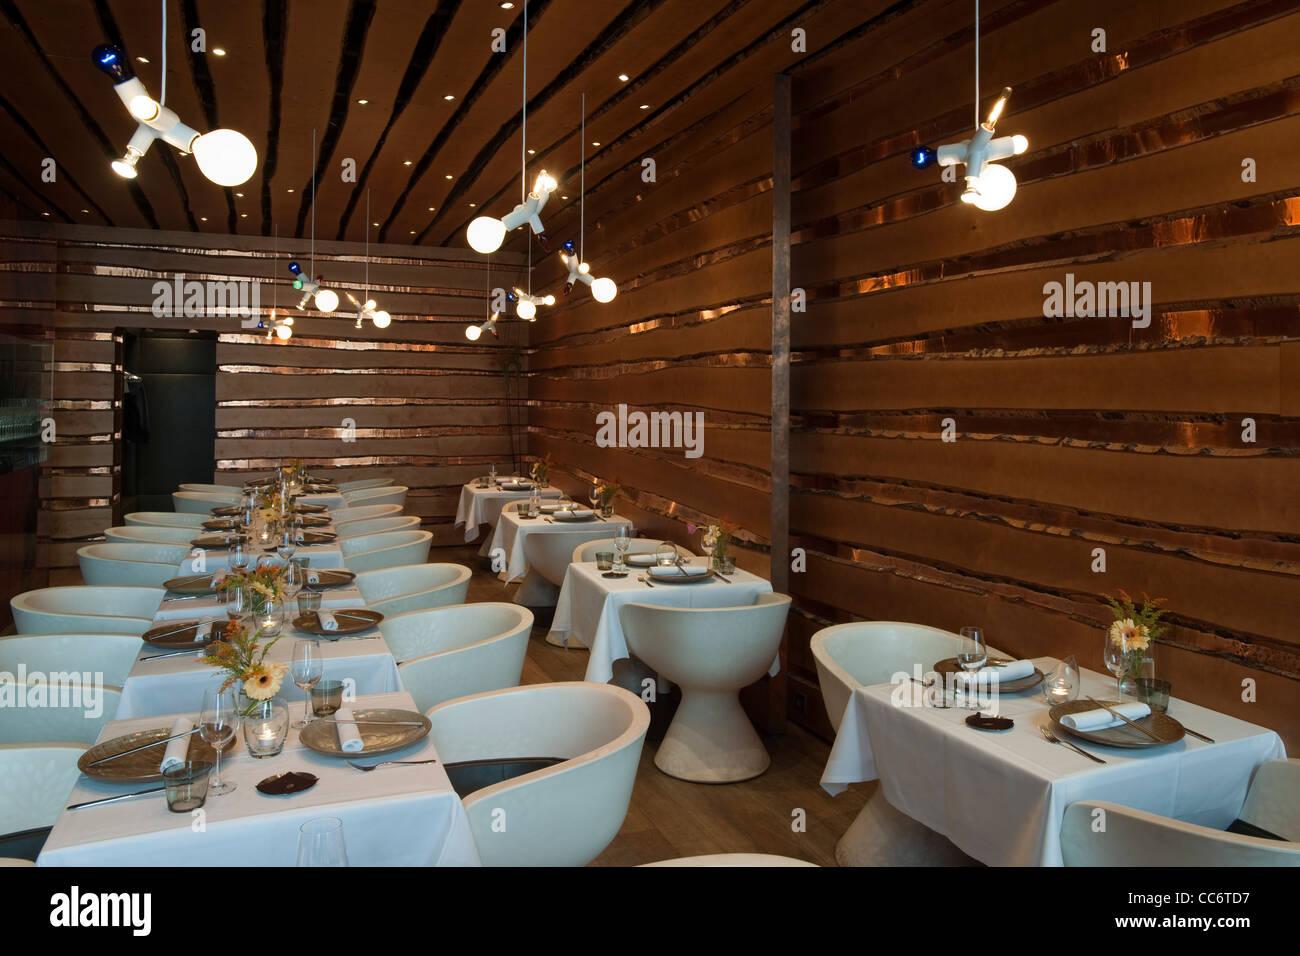 """Österrreich, Wien 9, Lustkandlgasse 4, """"Kim kocht"""" asiatisch kreative Küche auf höchstem Niveau. Stock Photo"""